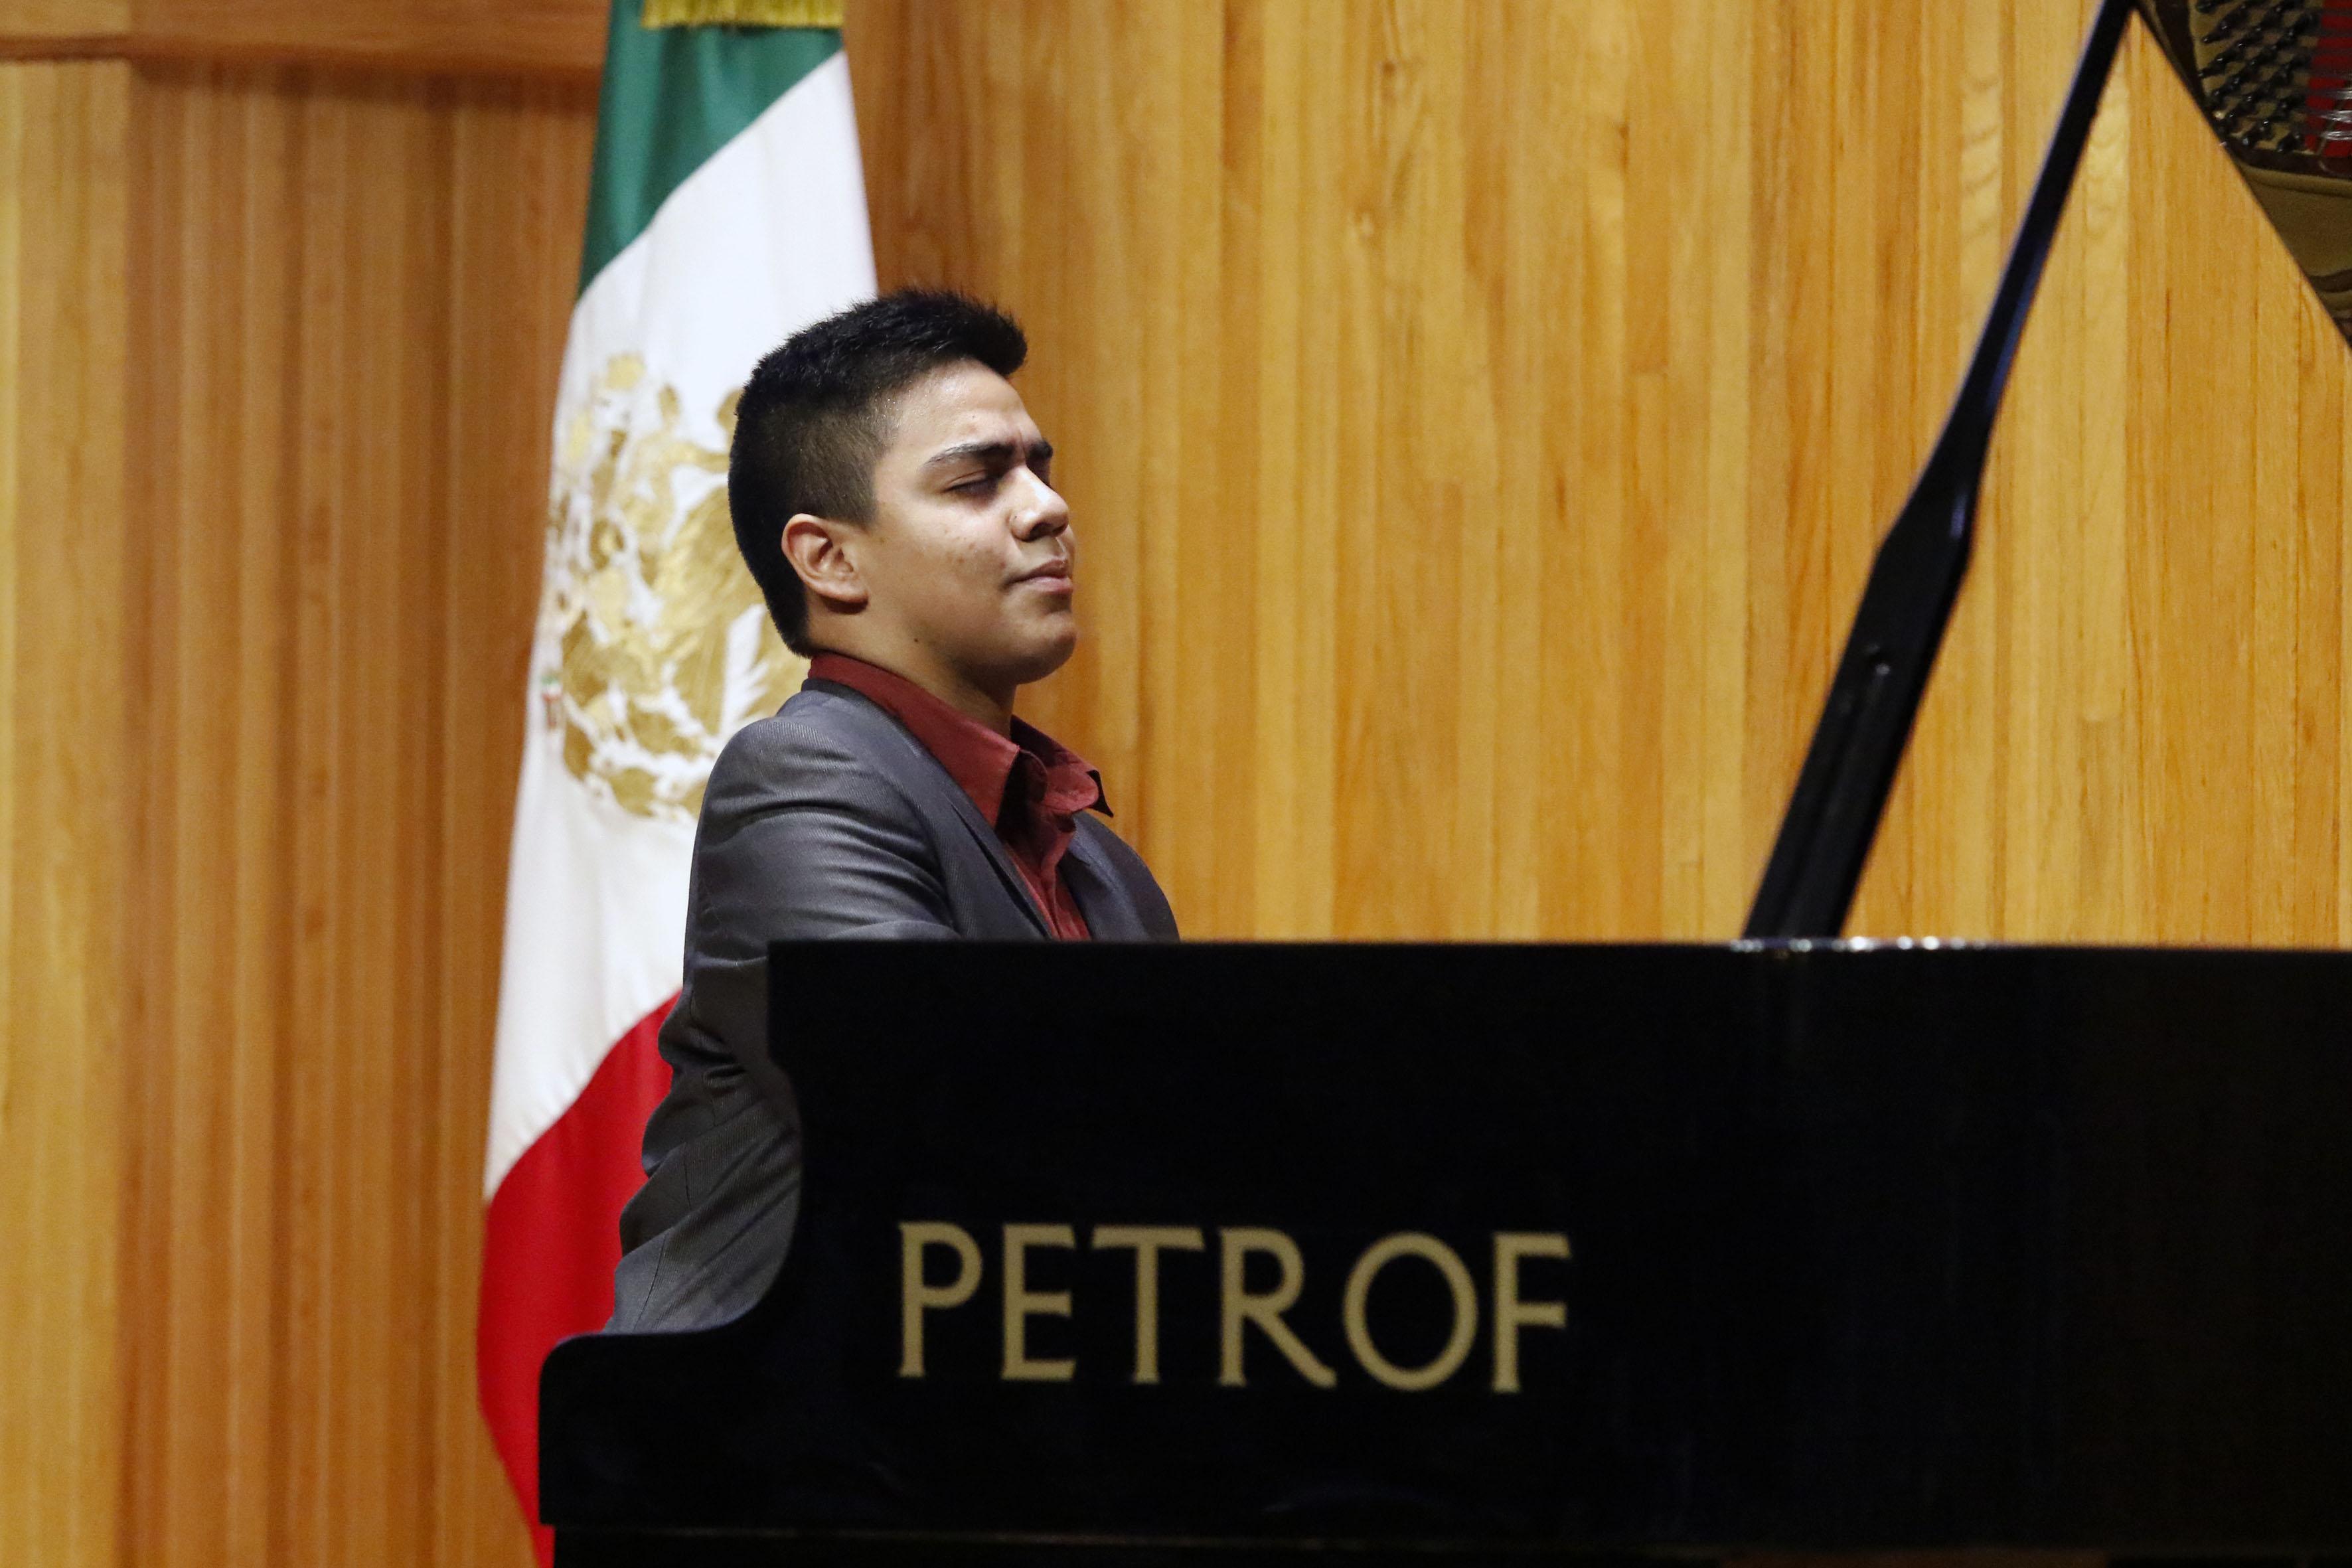 Cristian Rachid Bernal Castillo, acreedor del segundo lugar en el Concurso Nacional de Piano, tocando recital durante la ceremonia de premiación